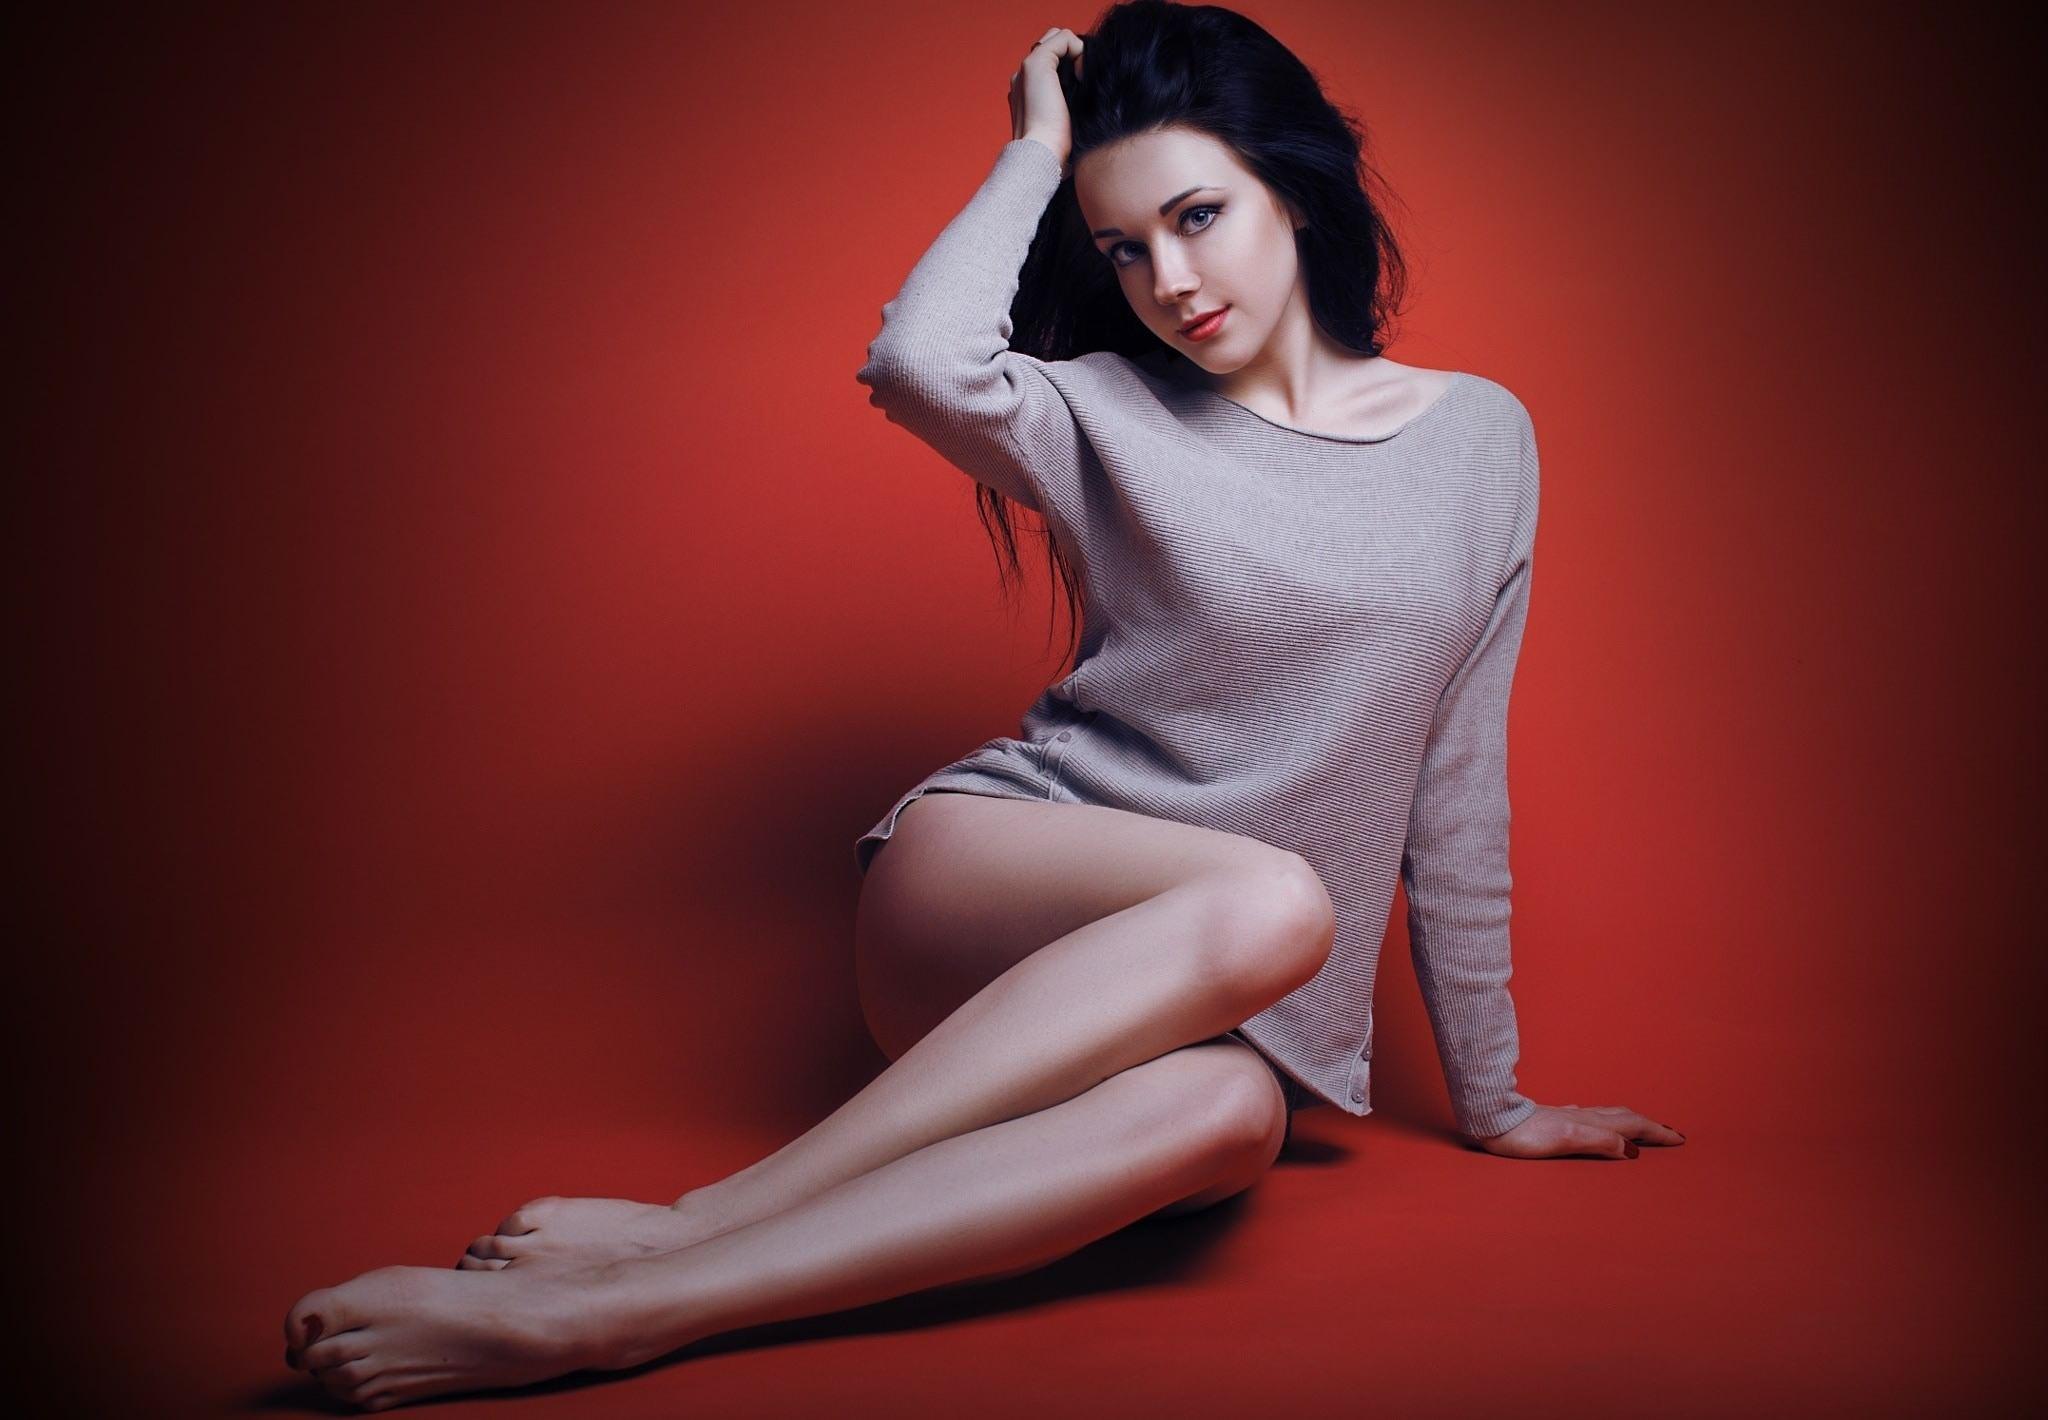 Фото Молодая девчонка в серой кофте, черные волосы, красивые нежные ножки, красный фон, скачать картинку бесплатно